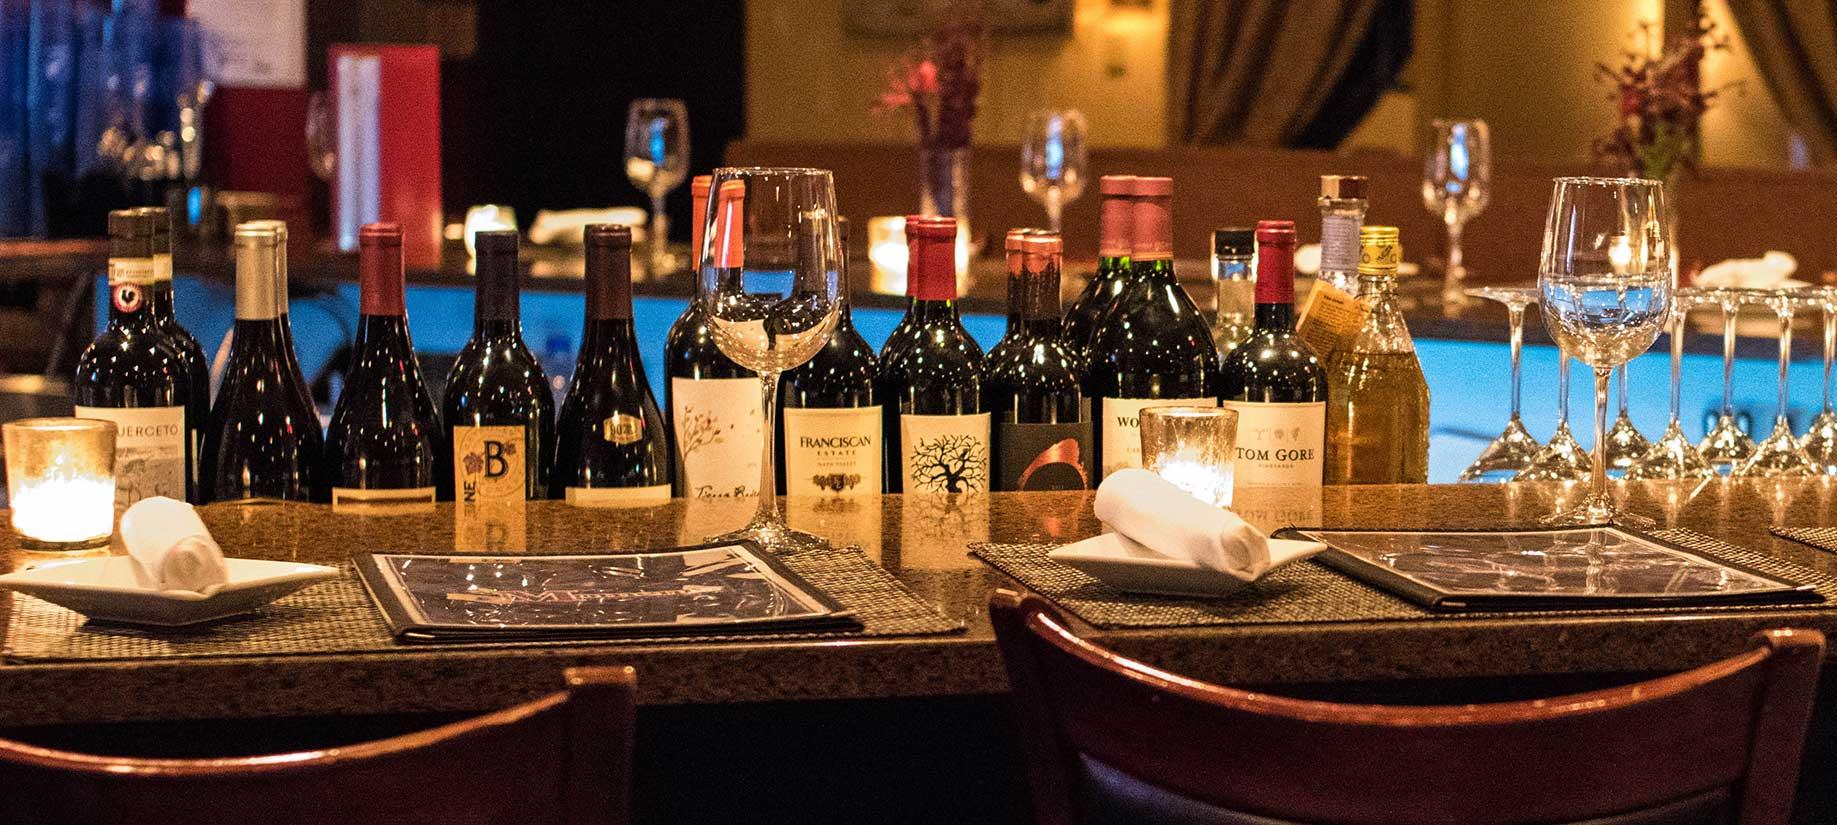 The Momento Bar